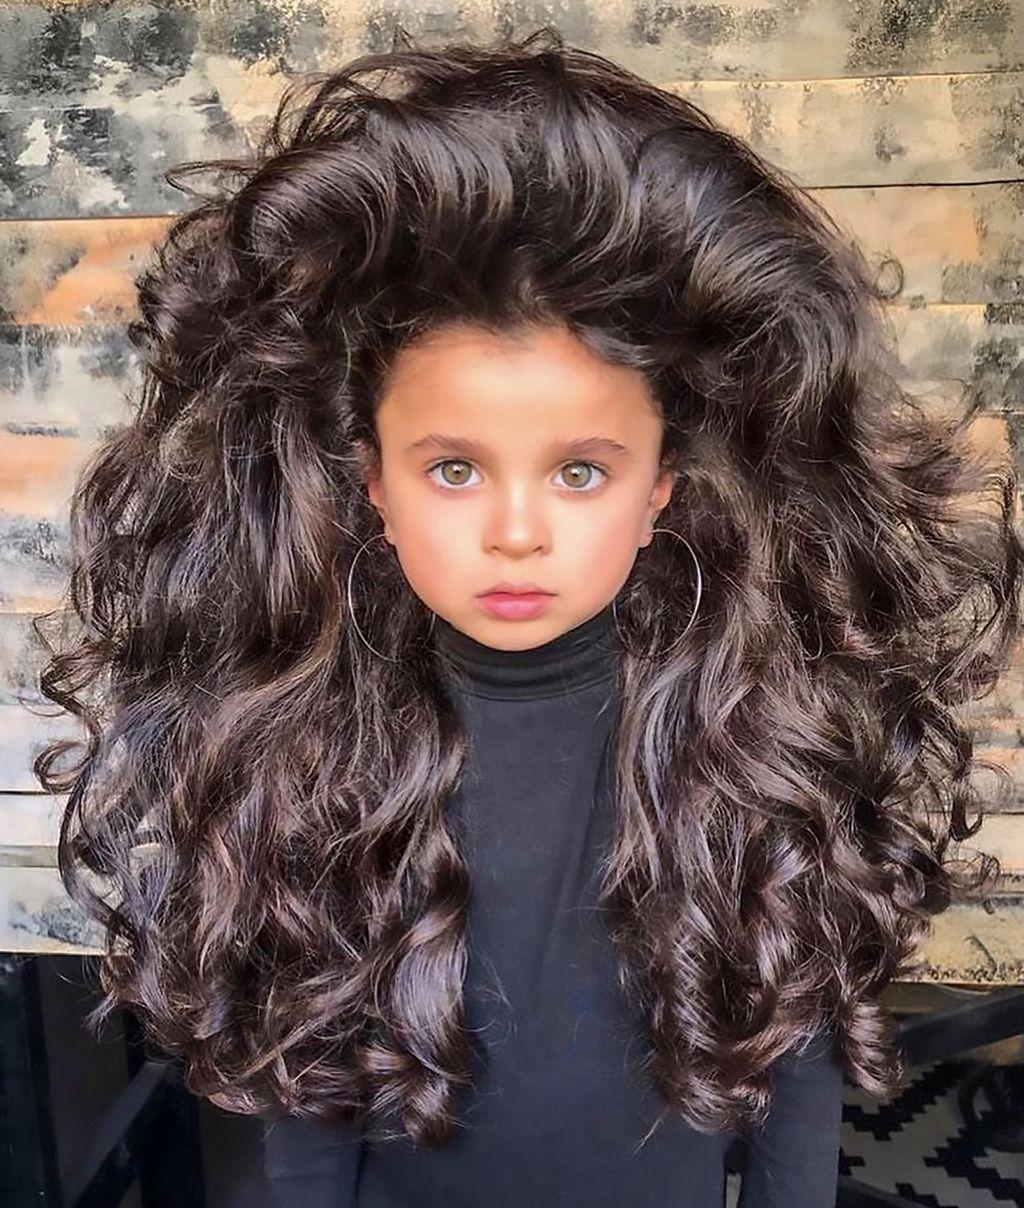 【画像】髪の毛がモリモリフサフサな5歳女児、インスタフォロワー5万人突破wwww